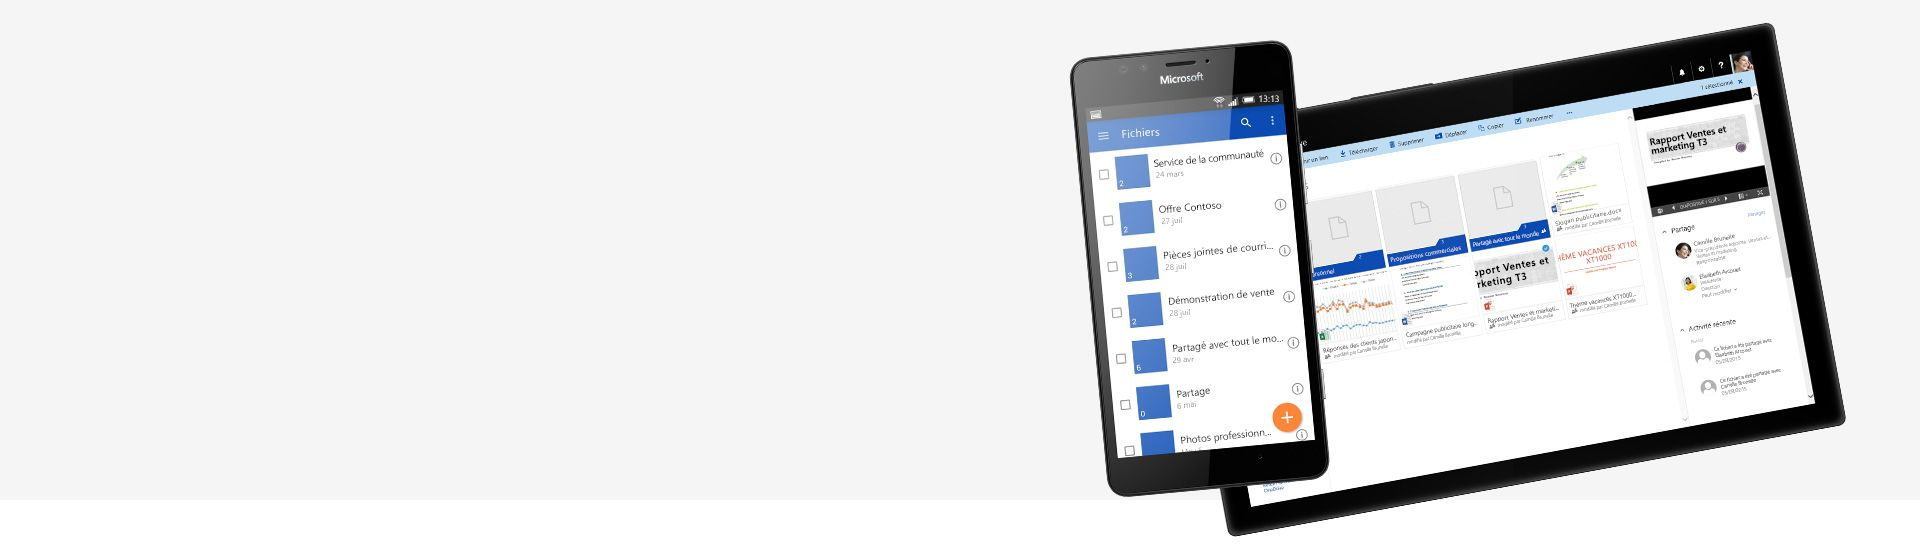 Tablette et téléphone sur lesquels apparaissent des fichiers et des dossiers dans OneDrive Entreprise.